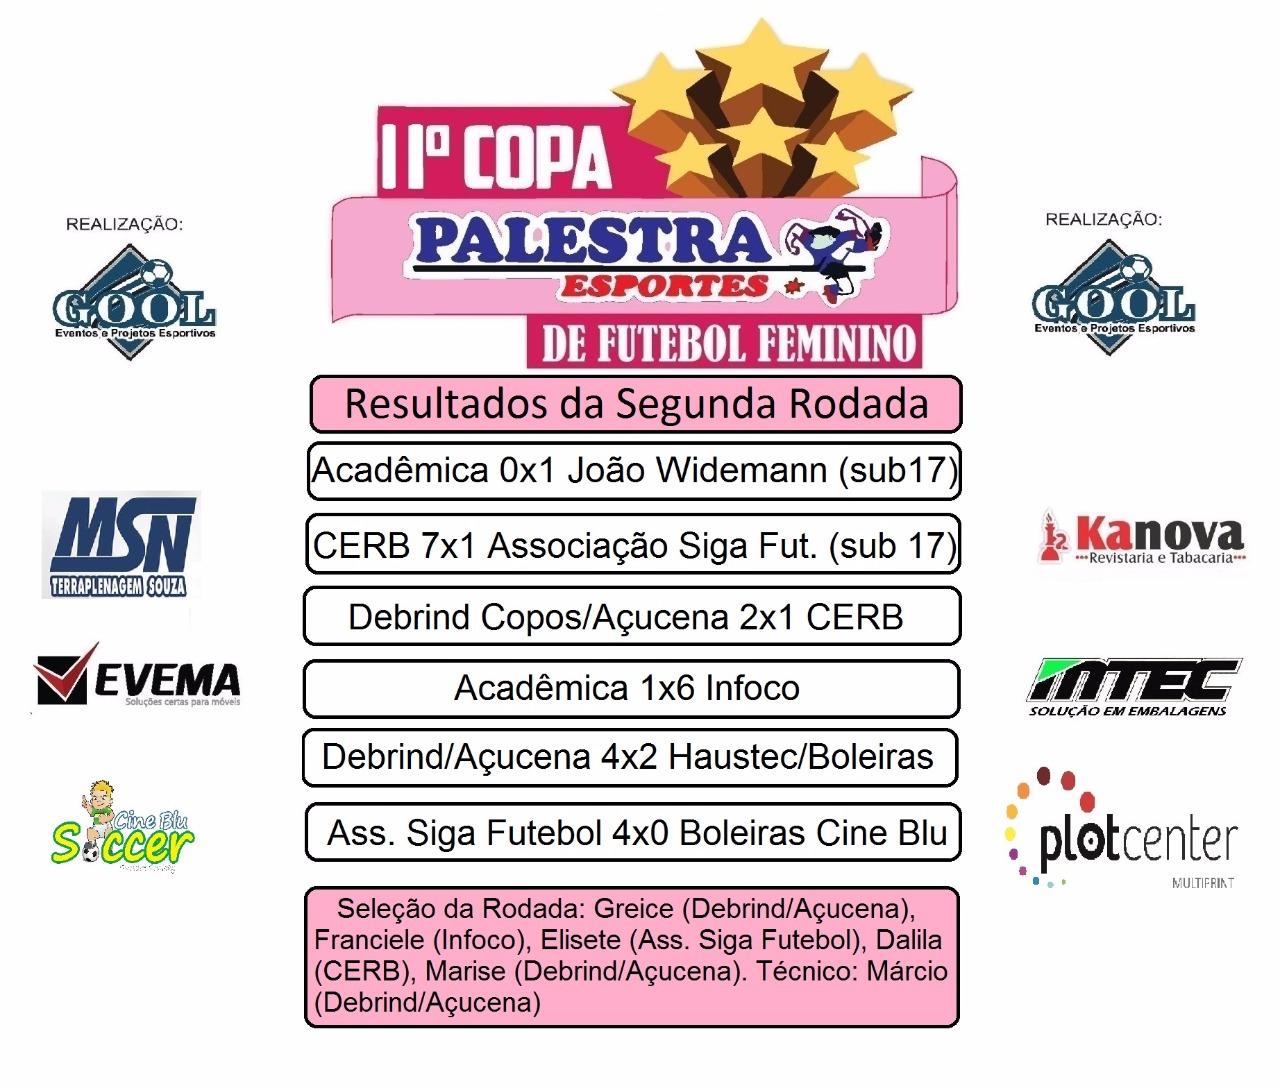 b07edf157d Realização Gool Eventos.